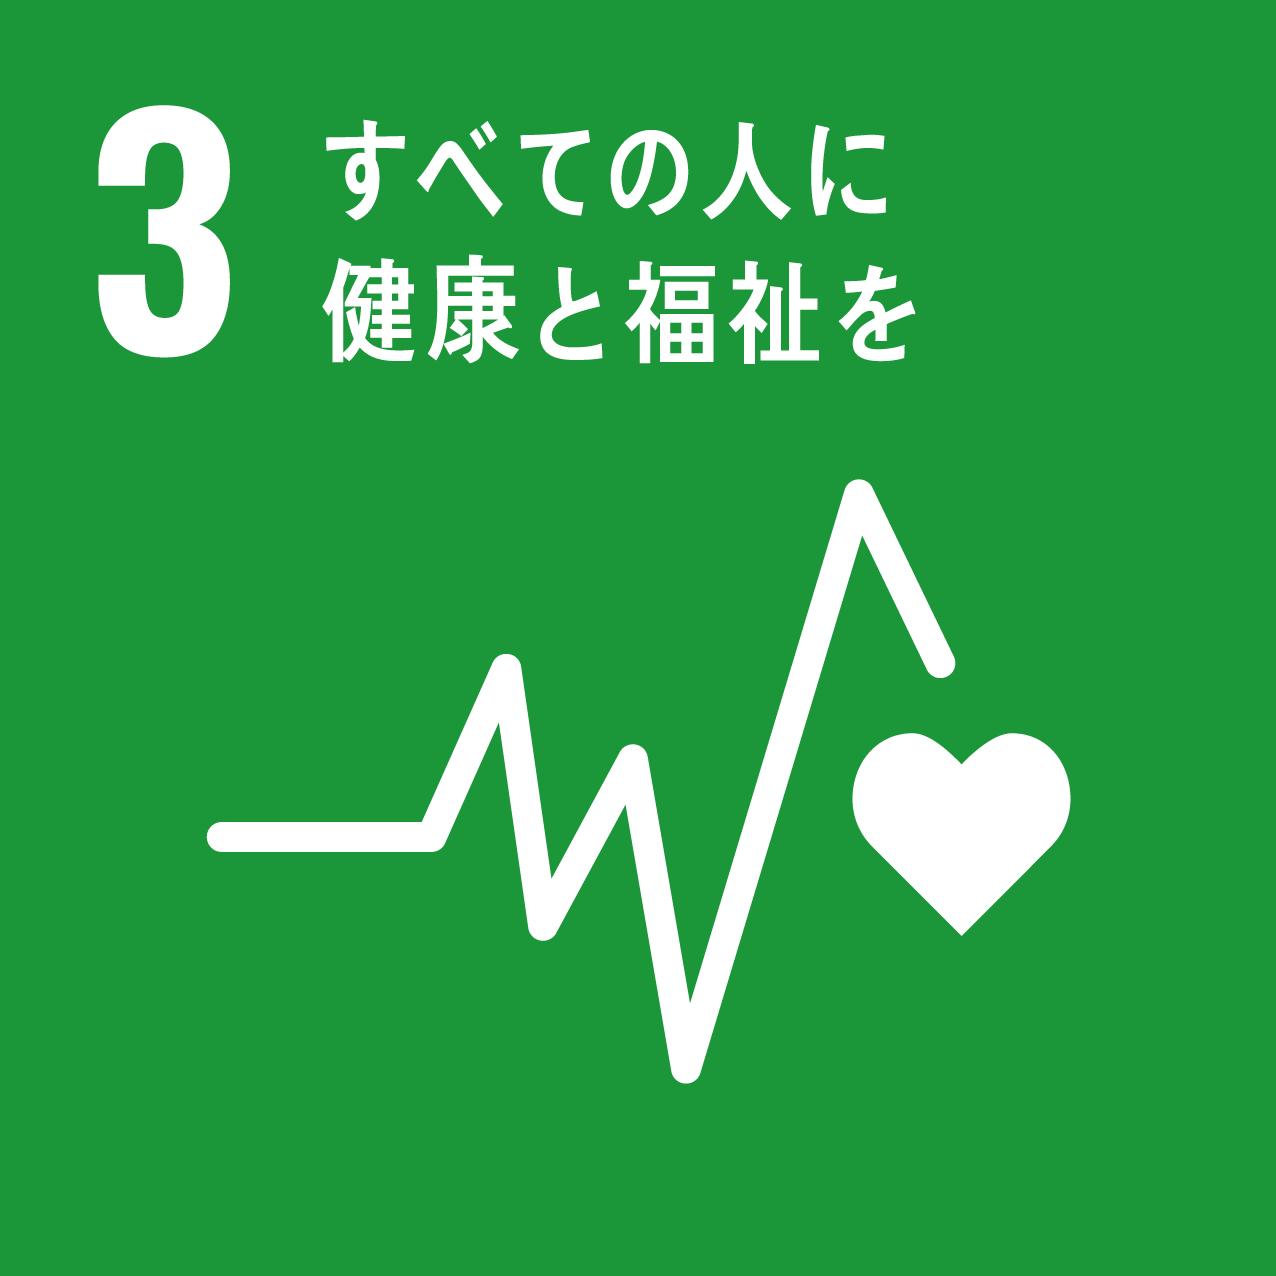 3.すべてのひとに健康と福祉を